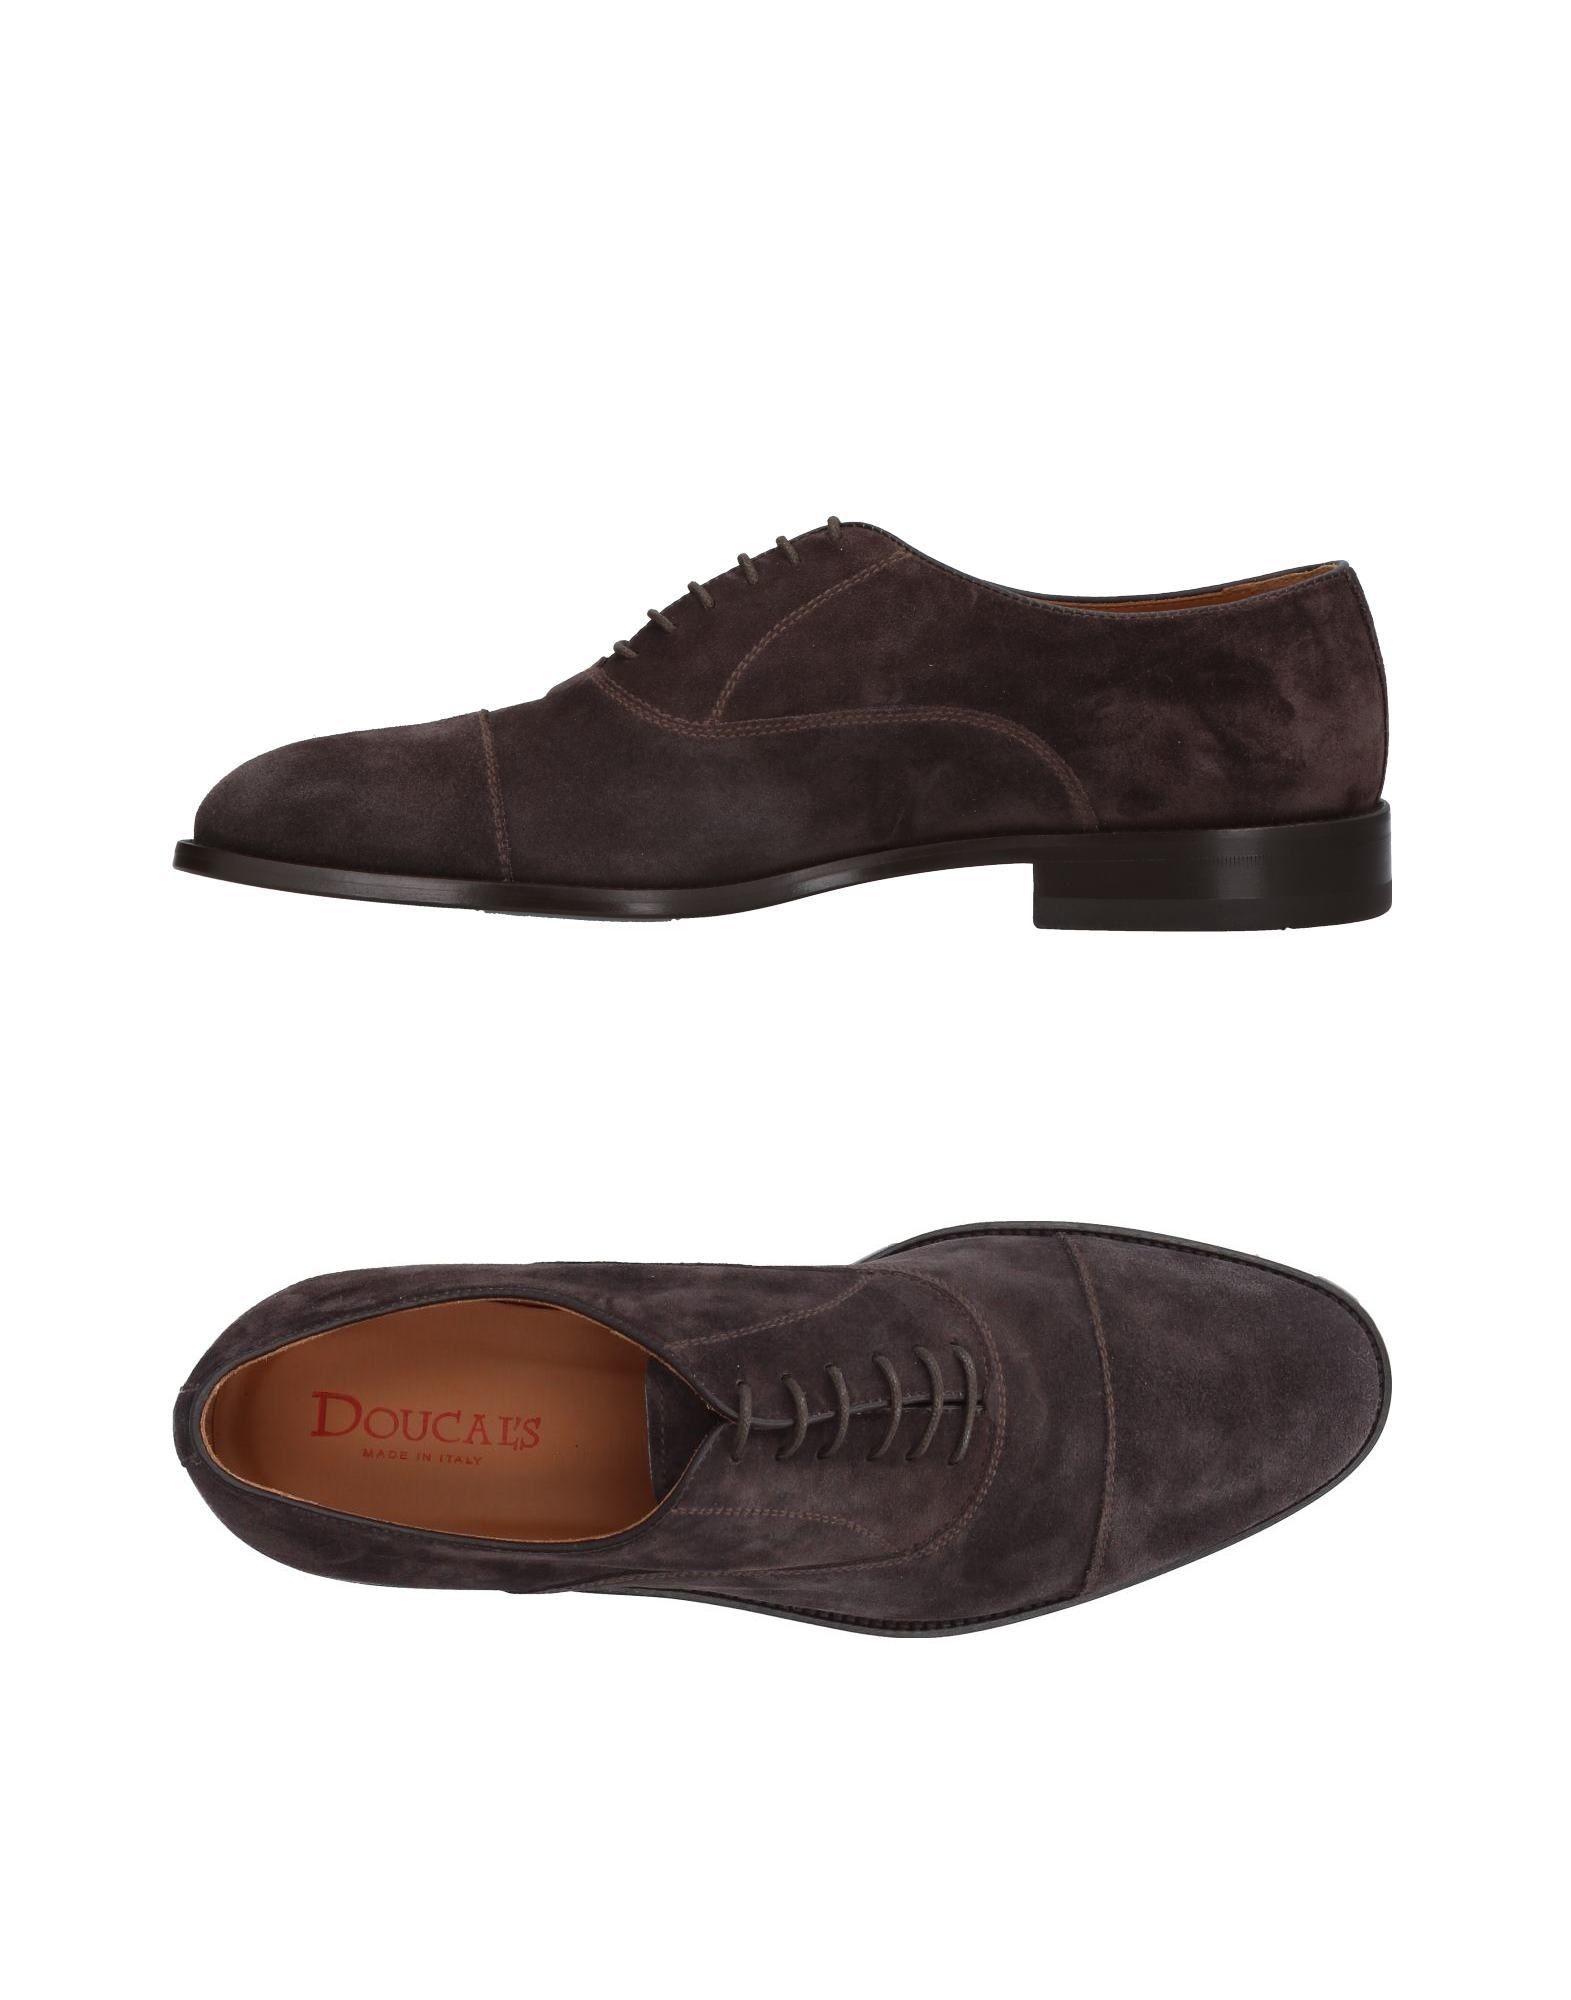 Doucal's Schnürschuhe Herren  11392320DA Gute Qualität beliebte Schuhe